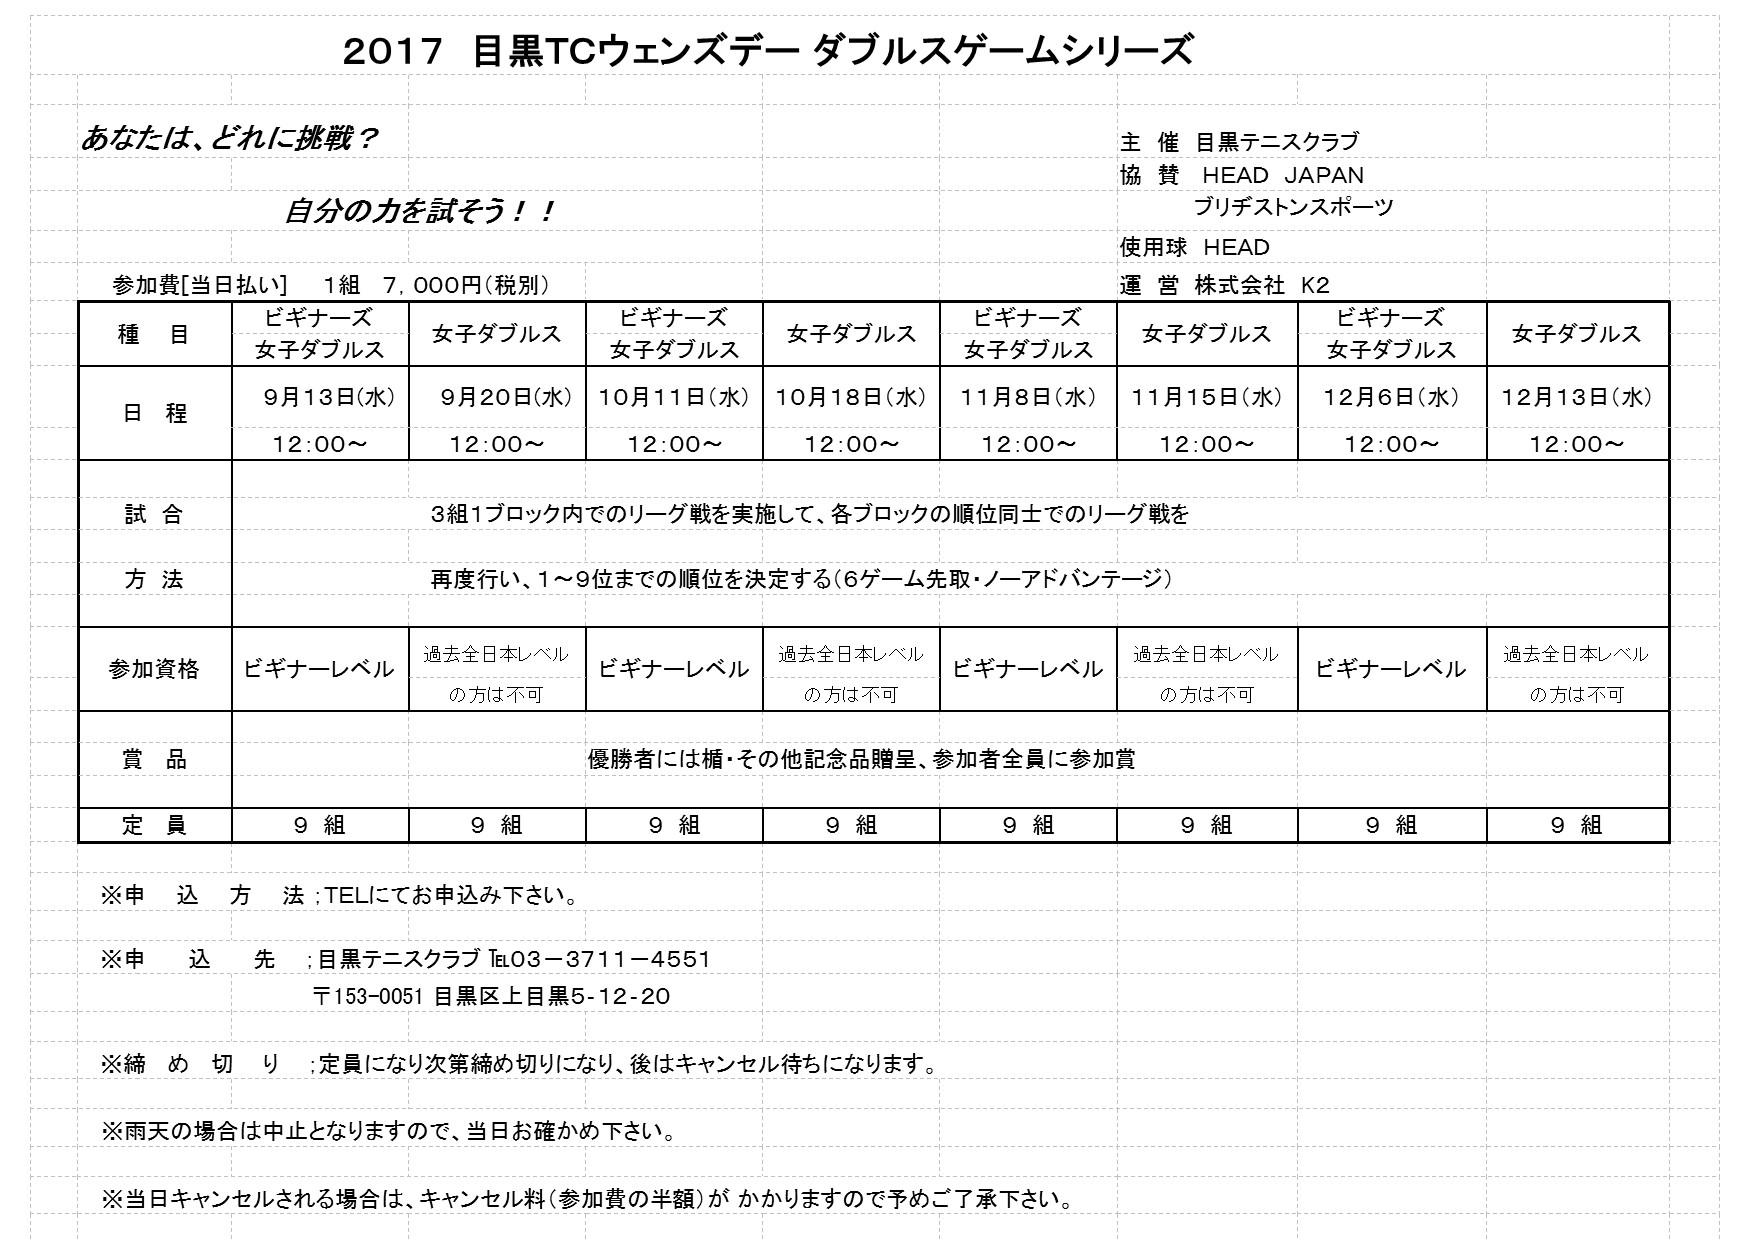 2017年9月~12月ウェンズデートーナメント日程_b0158200_10424886.jpg